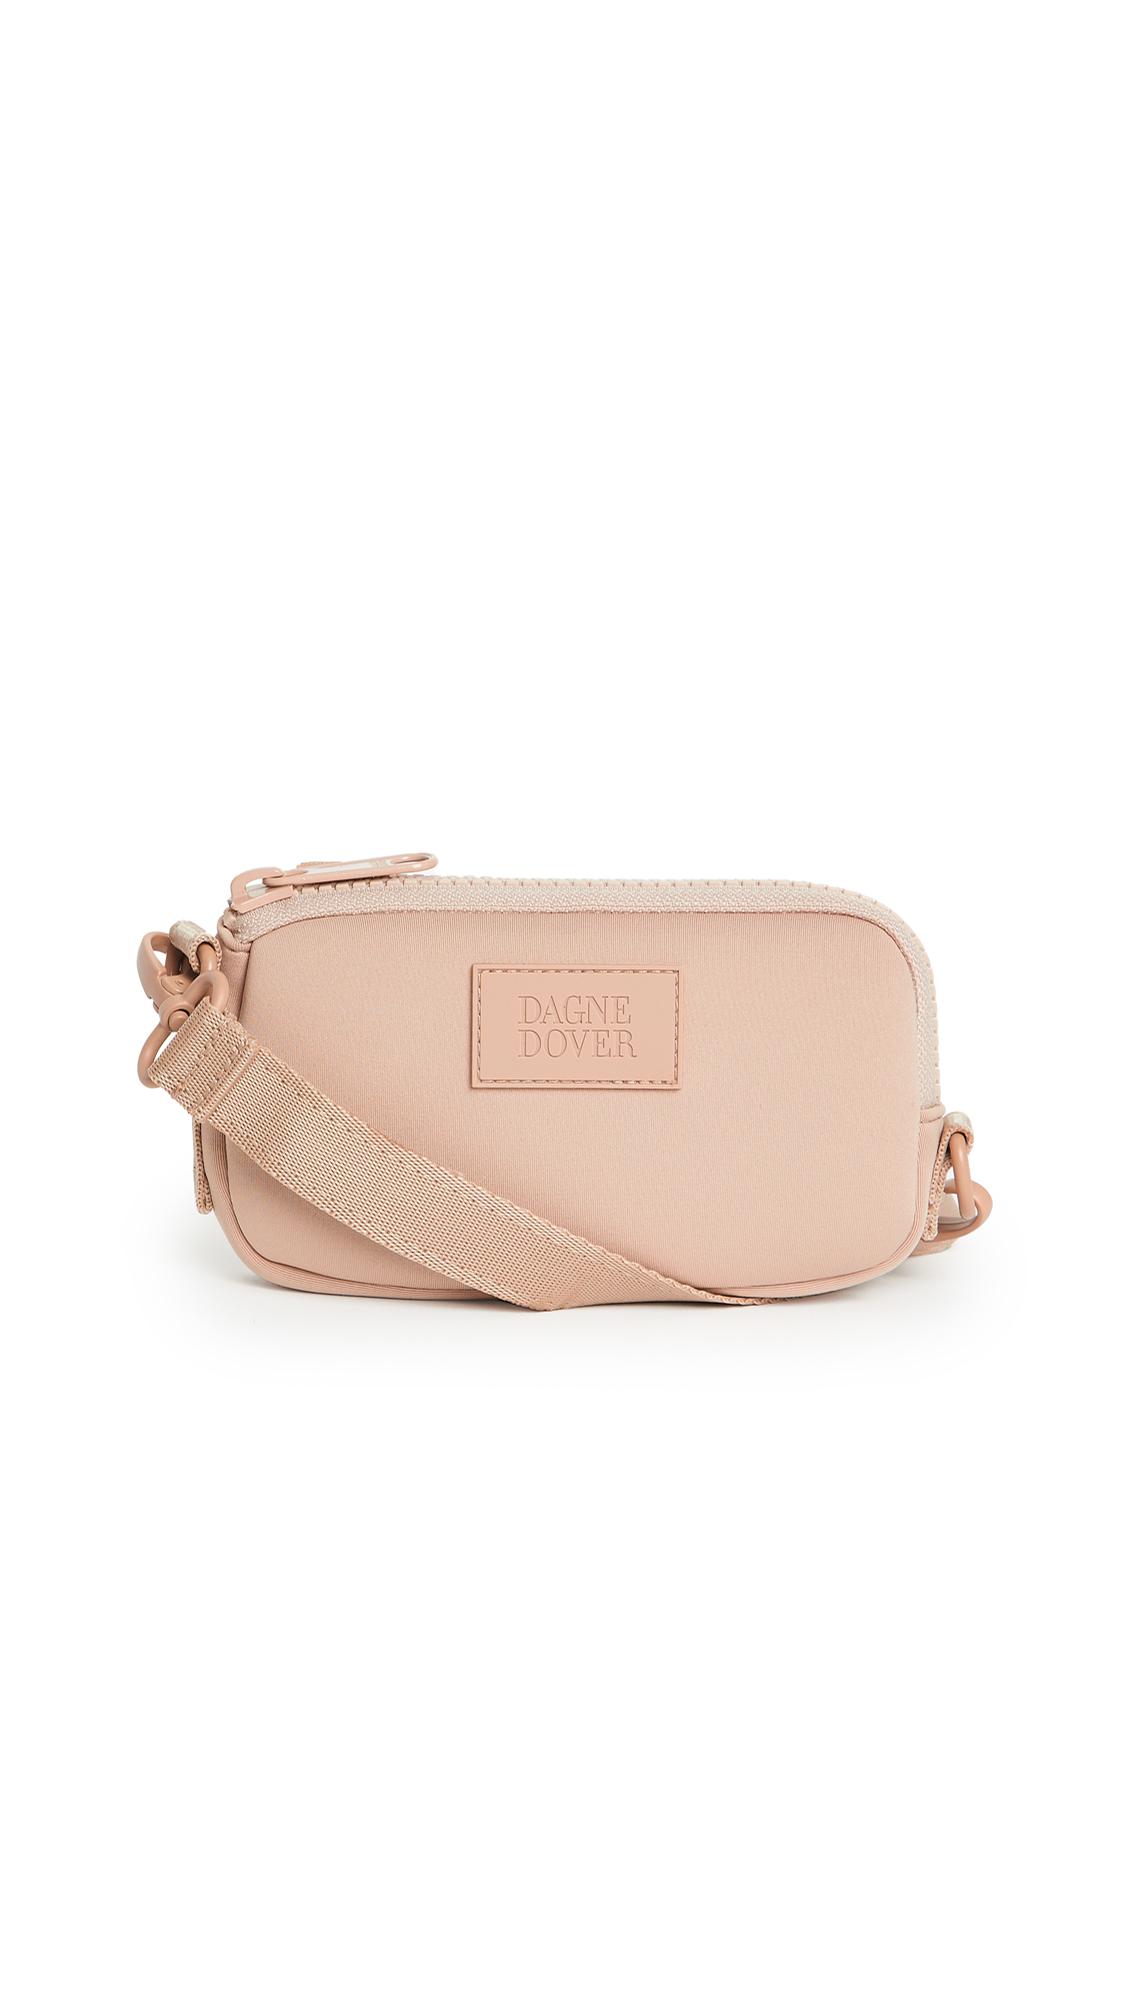 Dagne Dover Mara Phone Sling Bag